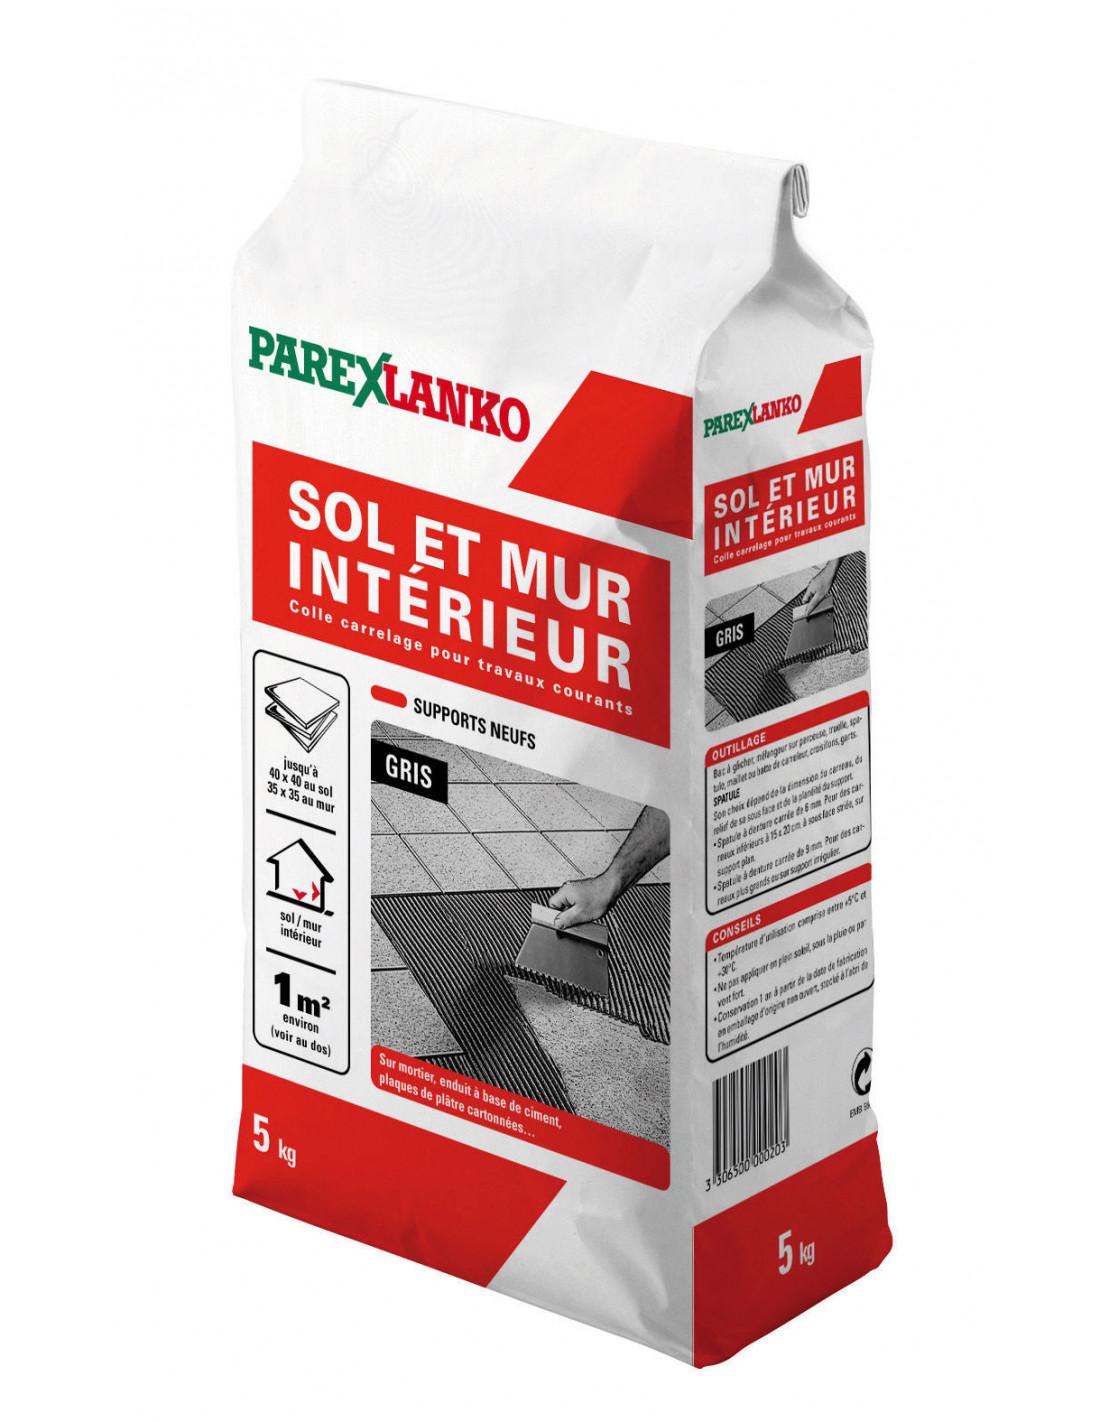 Coller Corniere Alu Sur Carrelage Exterieur parex lanko sol et mur interieur colle carrelage pour travaux courants 5 kg  gris